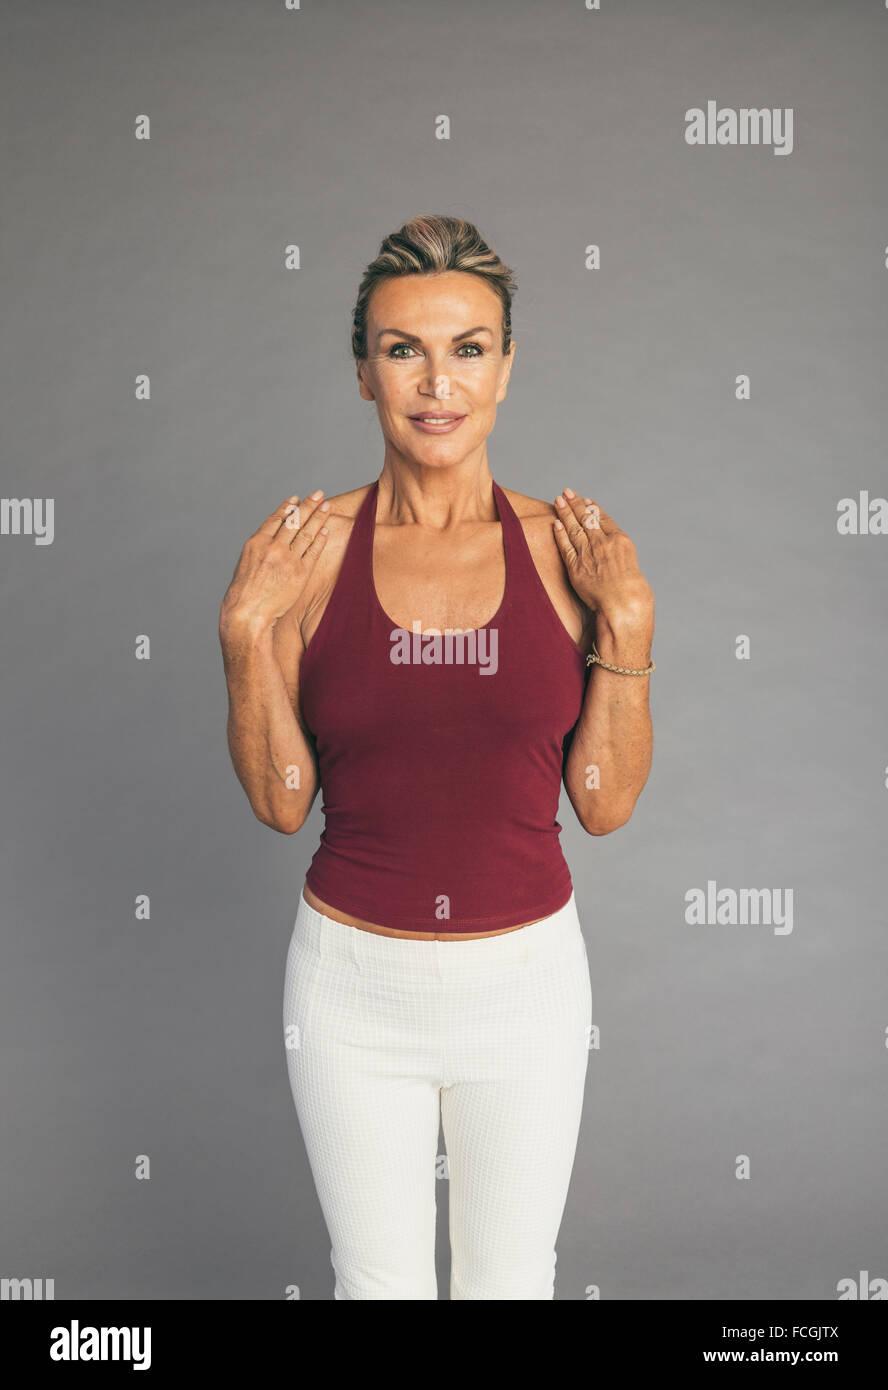 Mujer madura, ejercicios de flexibilidad brazos y manos codo Imagen De Stock